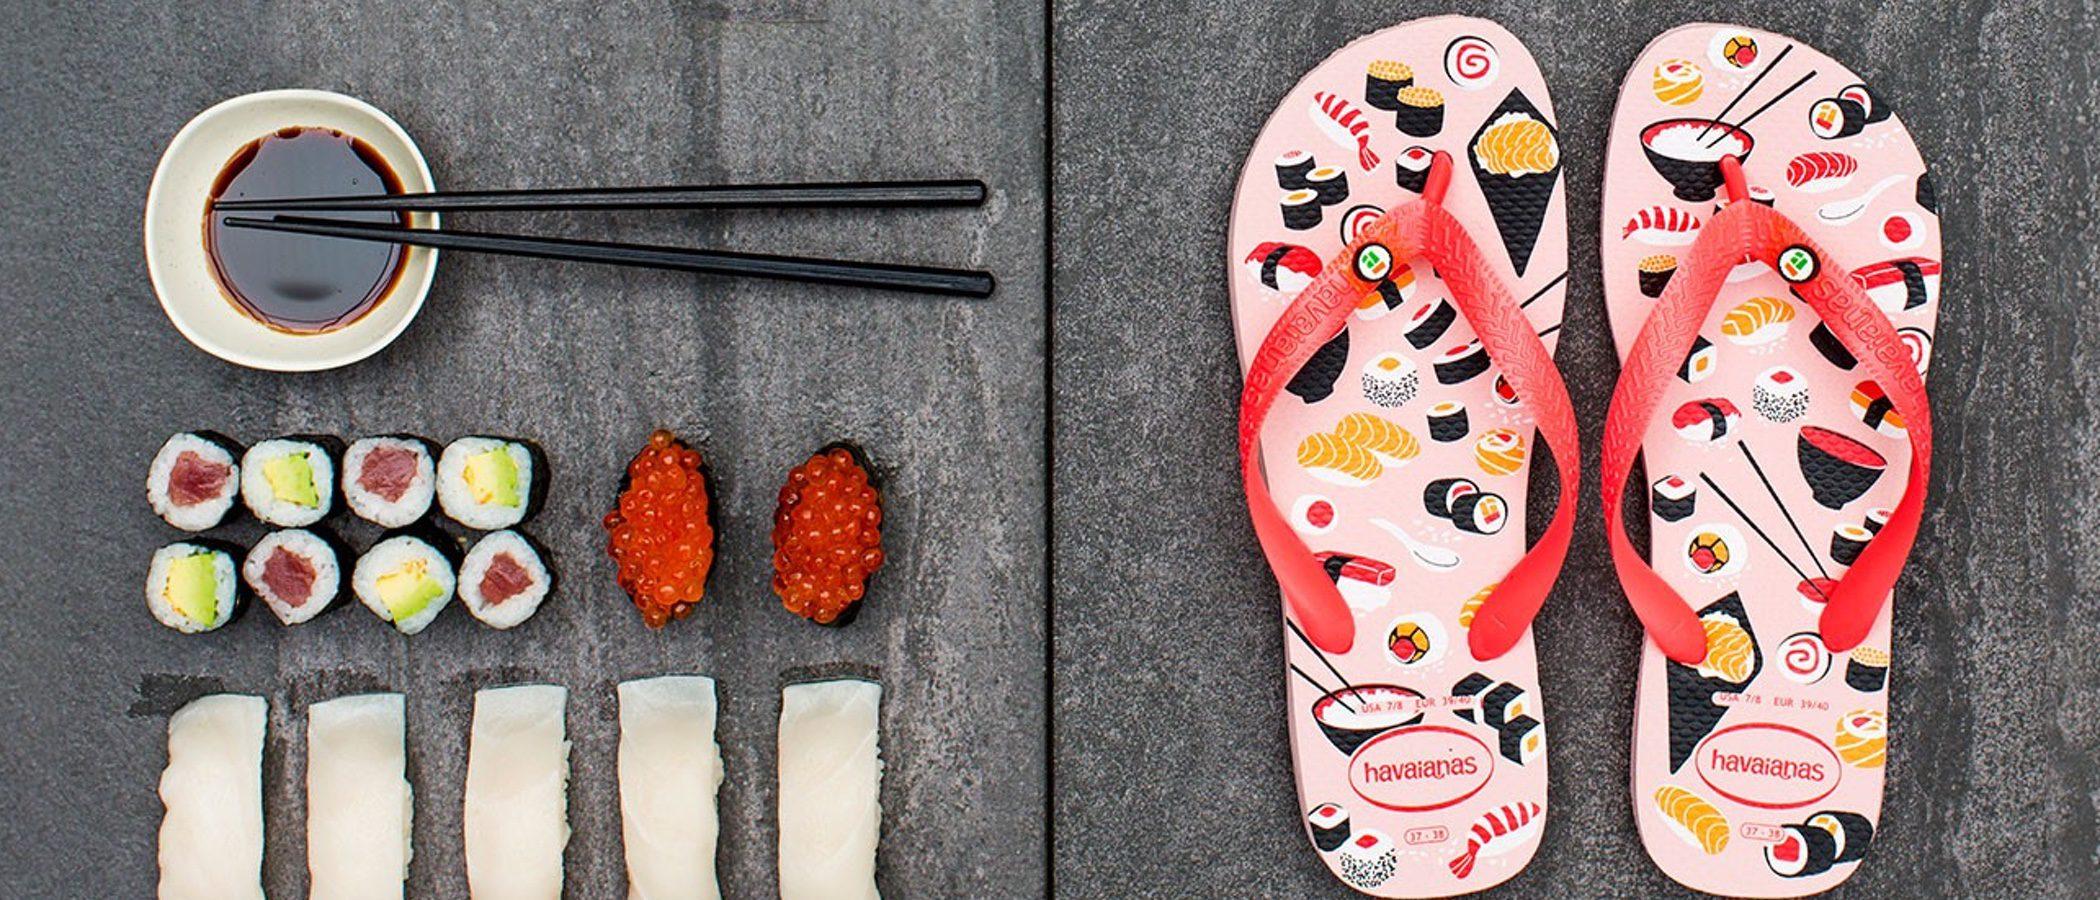 Si eres amante del sushi, las nuevas Havaianas 'Top Honey' te van a encantar